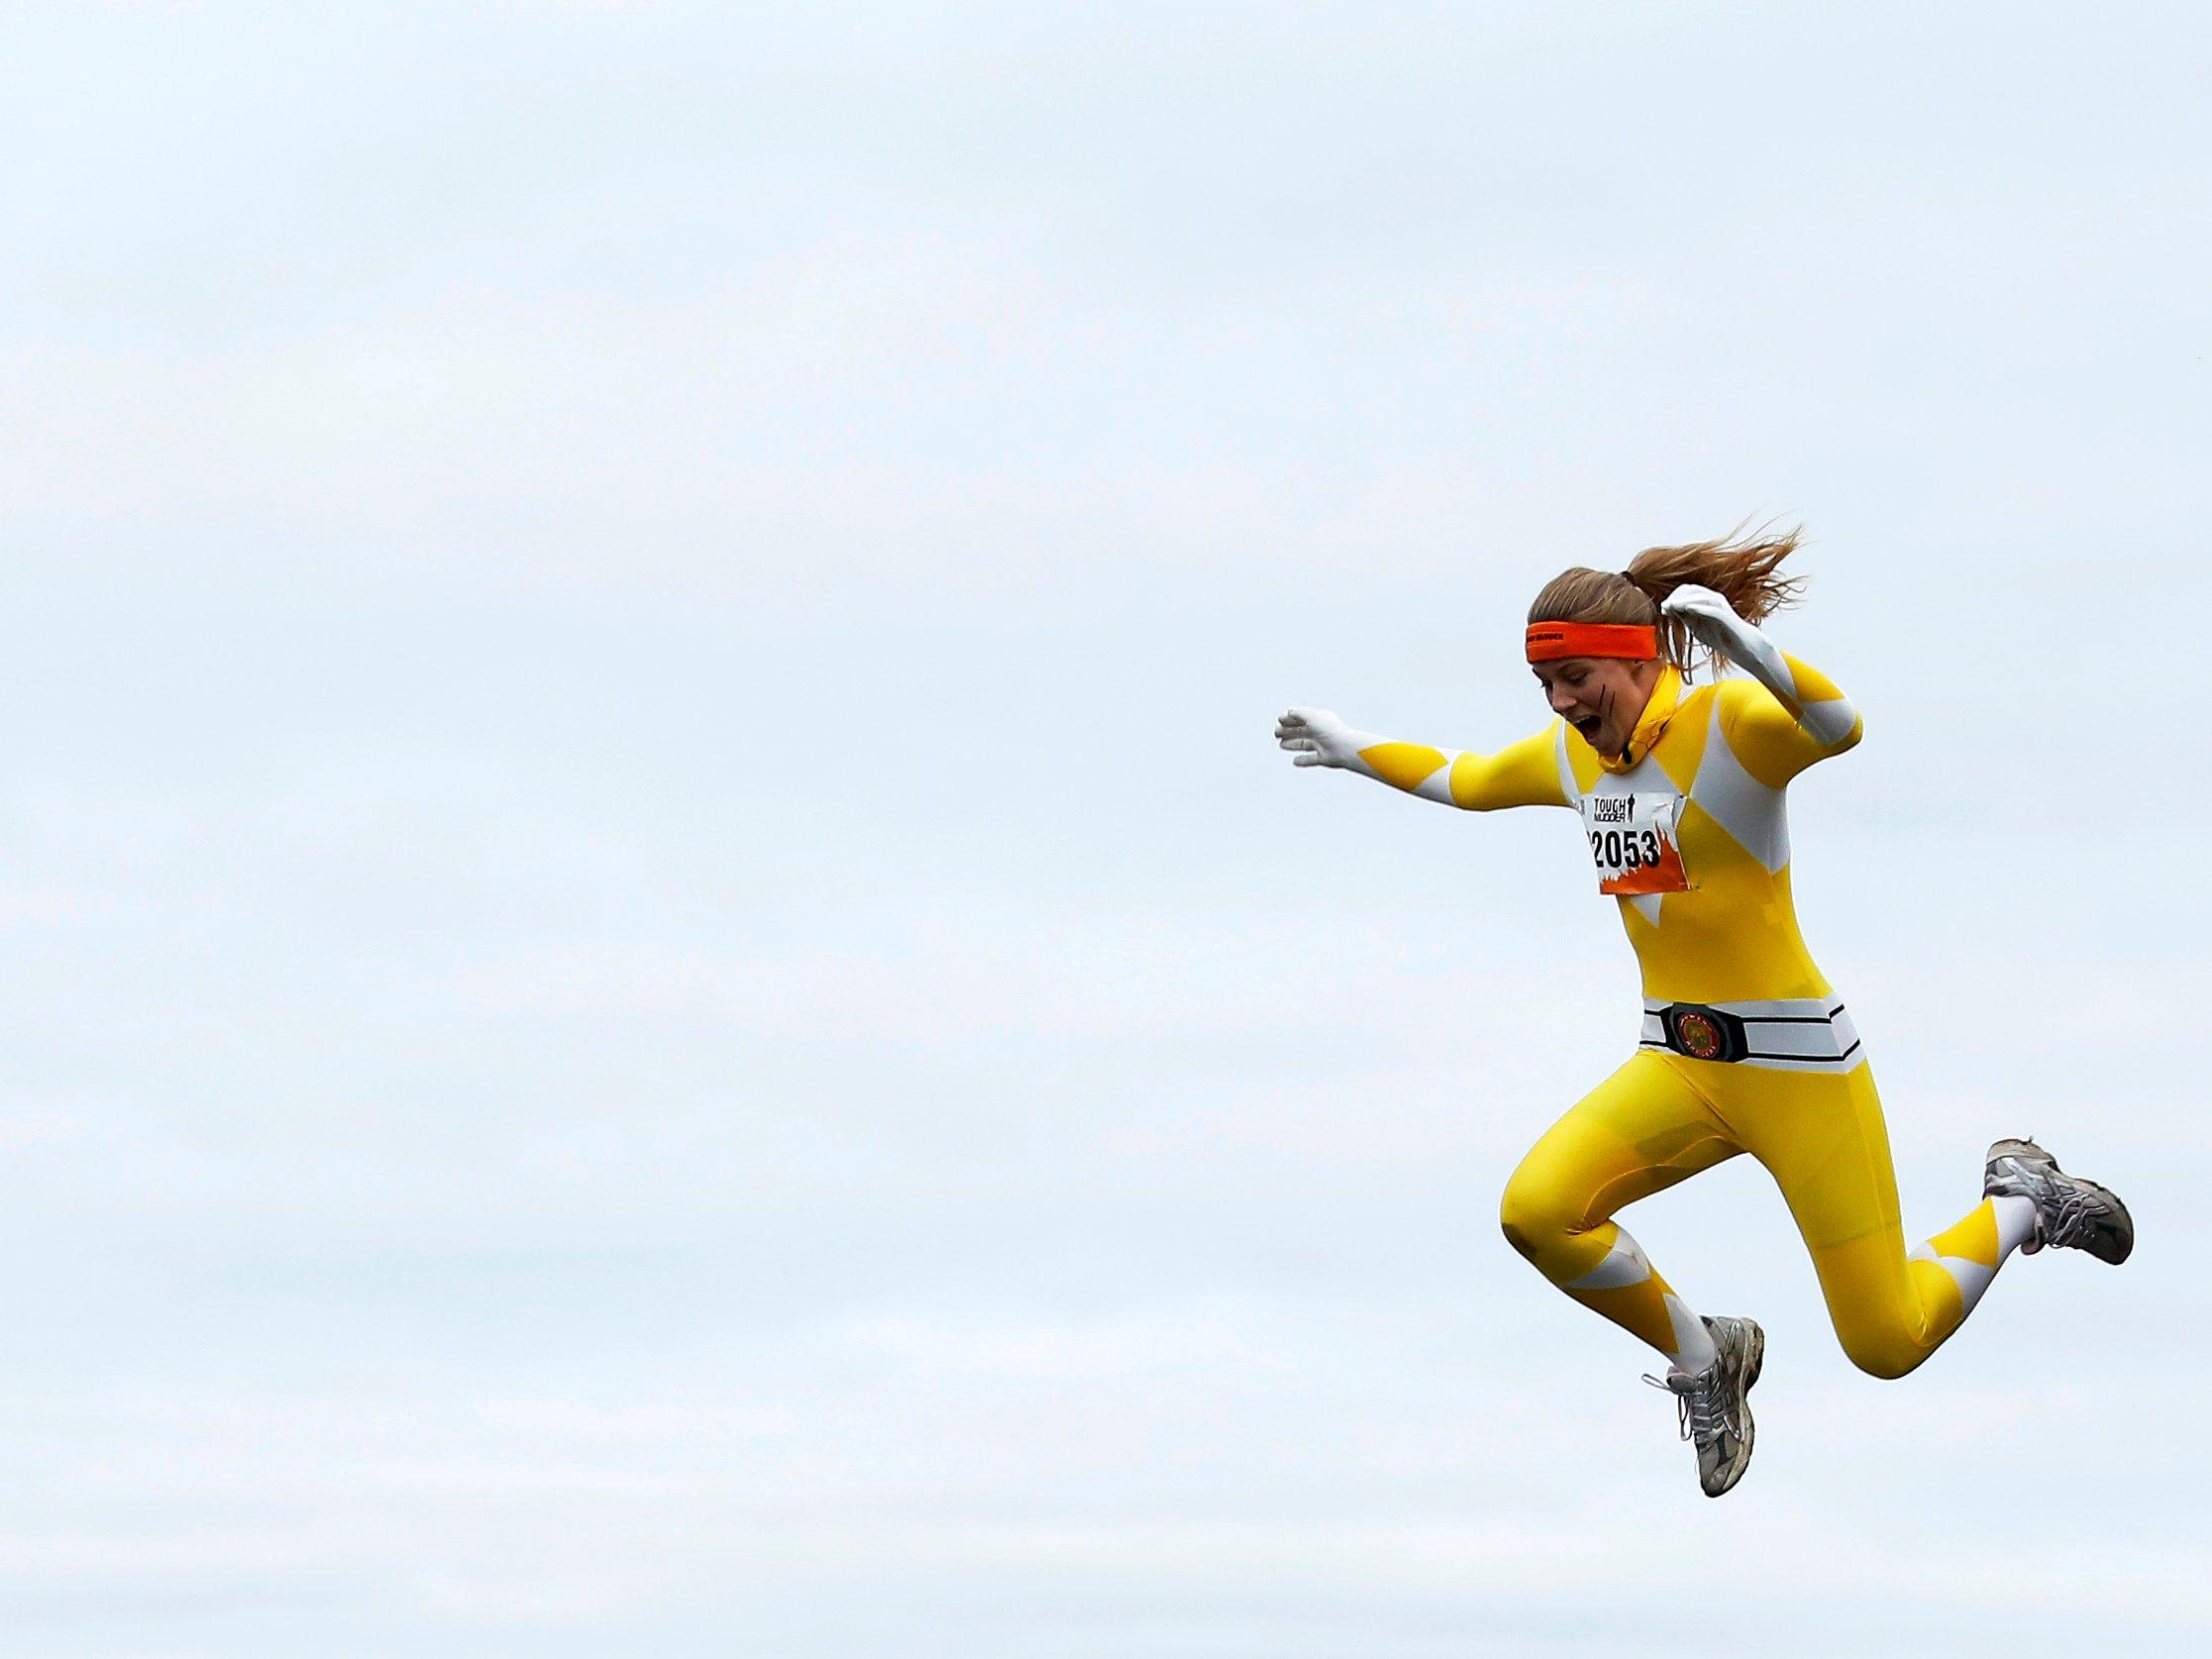 woman-runner-running-jumping-tough-mudder-race